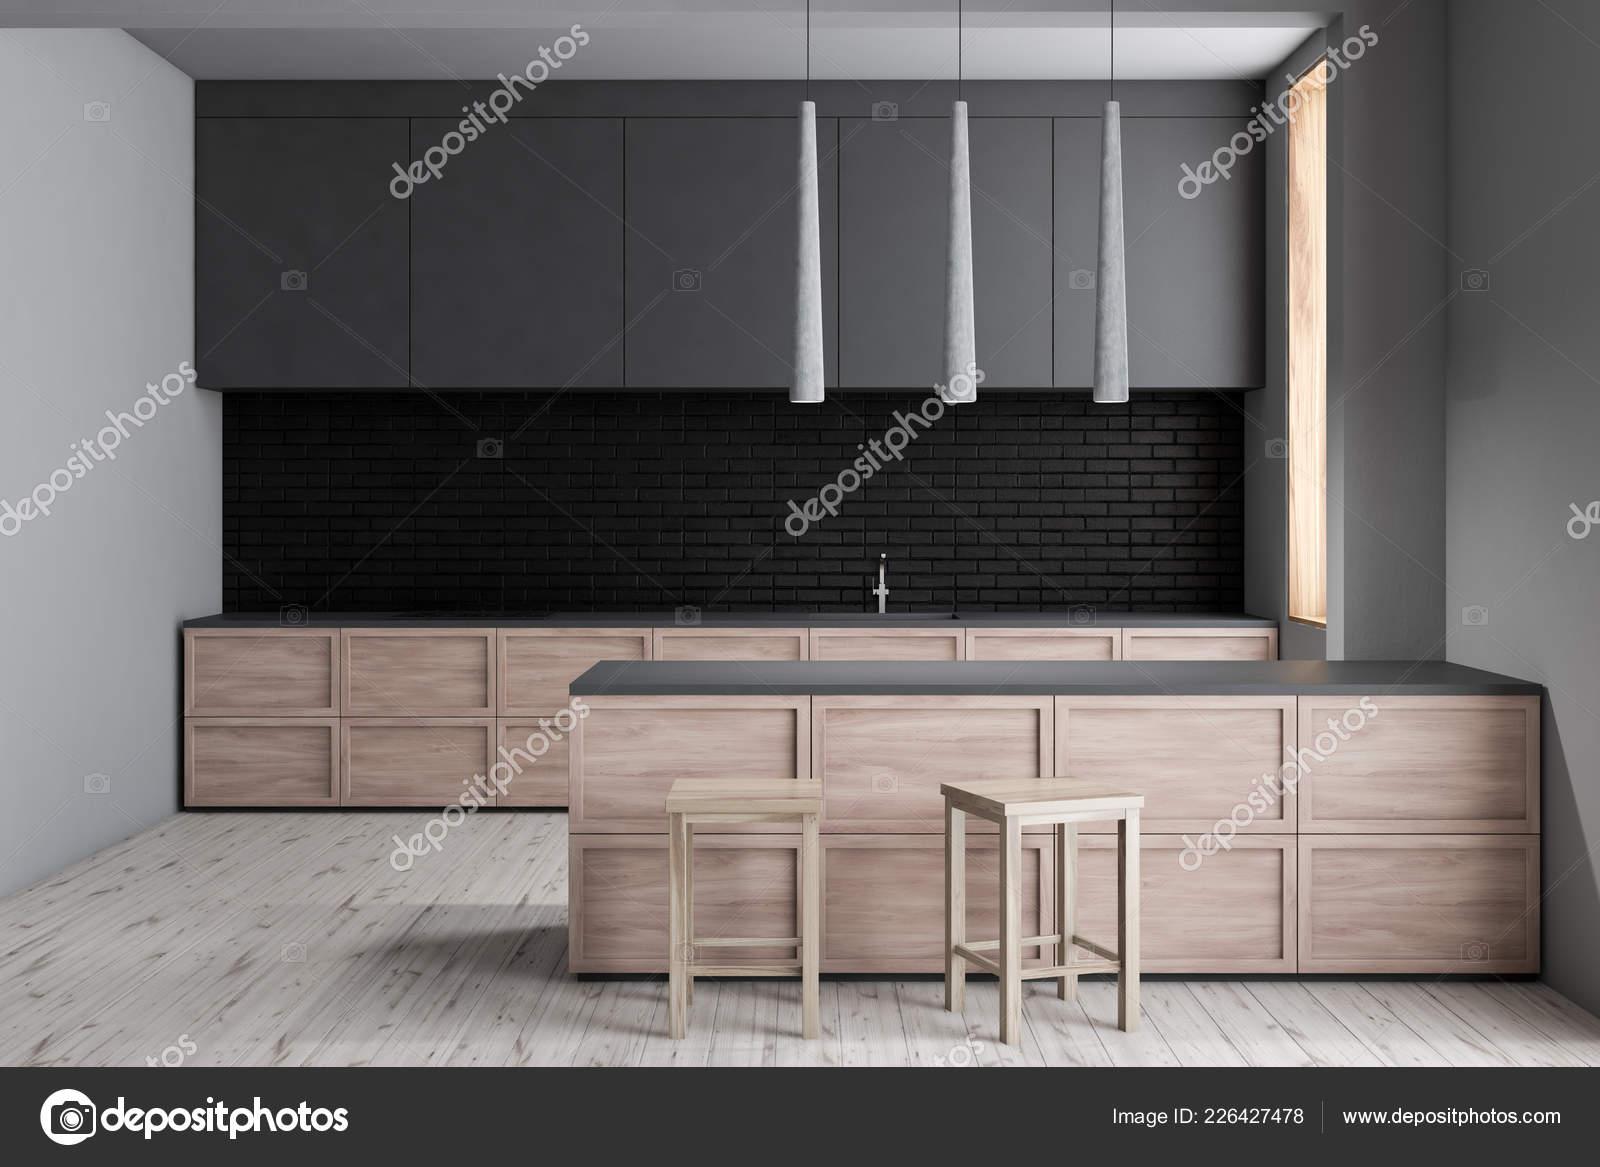 Muri Interni Grigi : Interni cucina moderna con muri mattoni bianchi neri pavimento